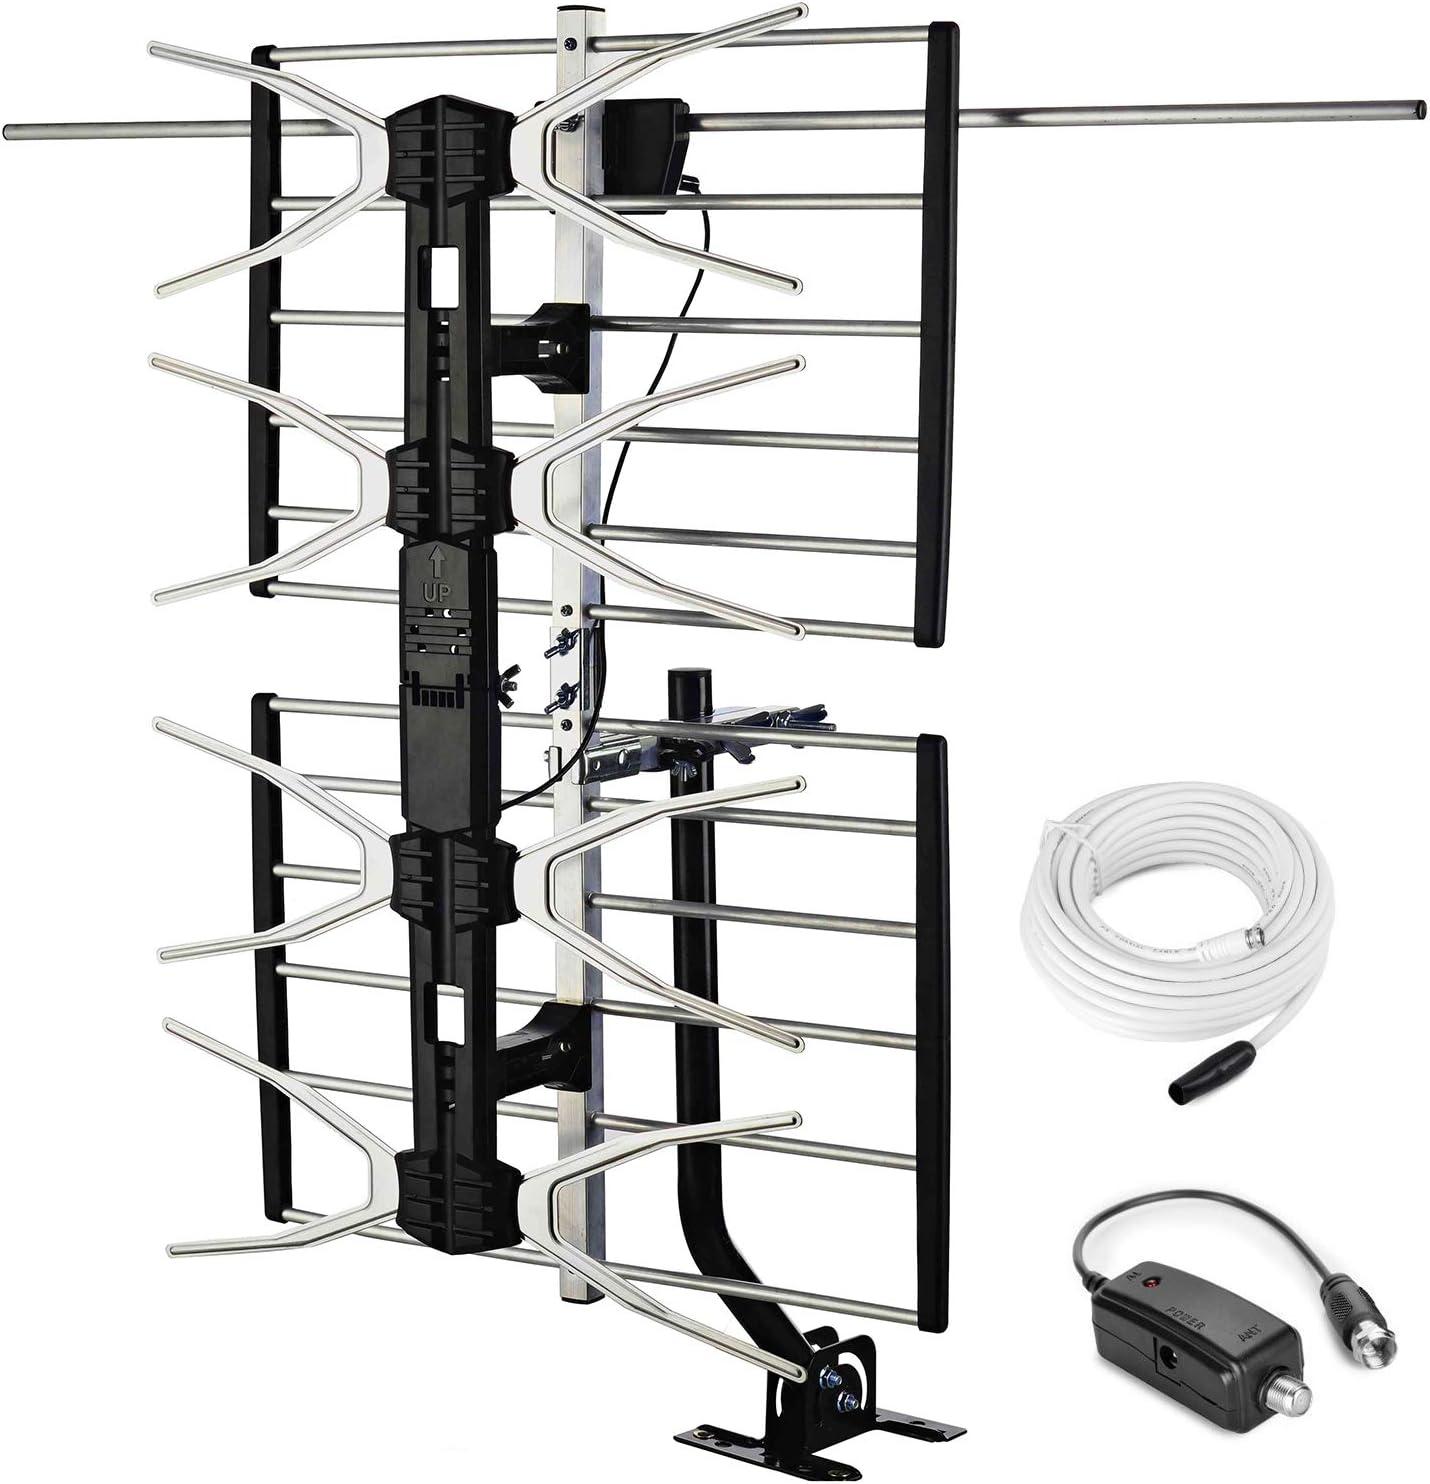 PBD antena de TV digital HD al aire libre con amplificador de alta ganancia de 150 millas de largo alcance para UHF/VHF, poste de montaje, cable ...